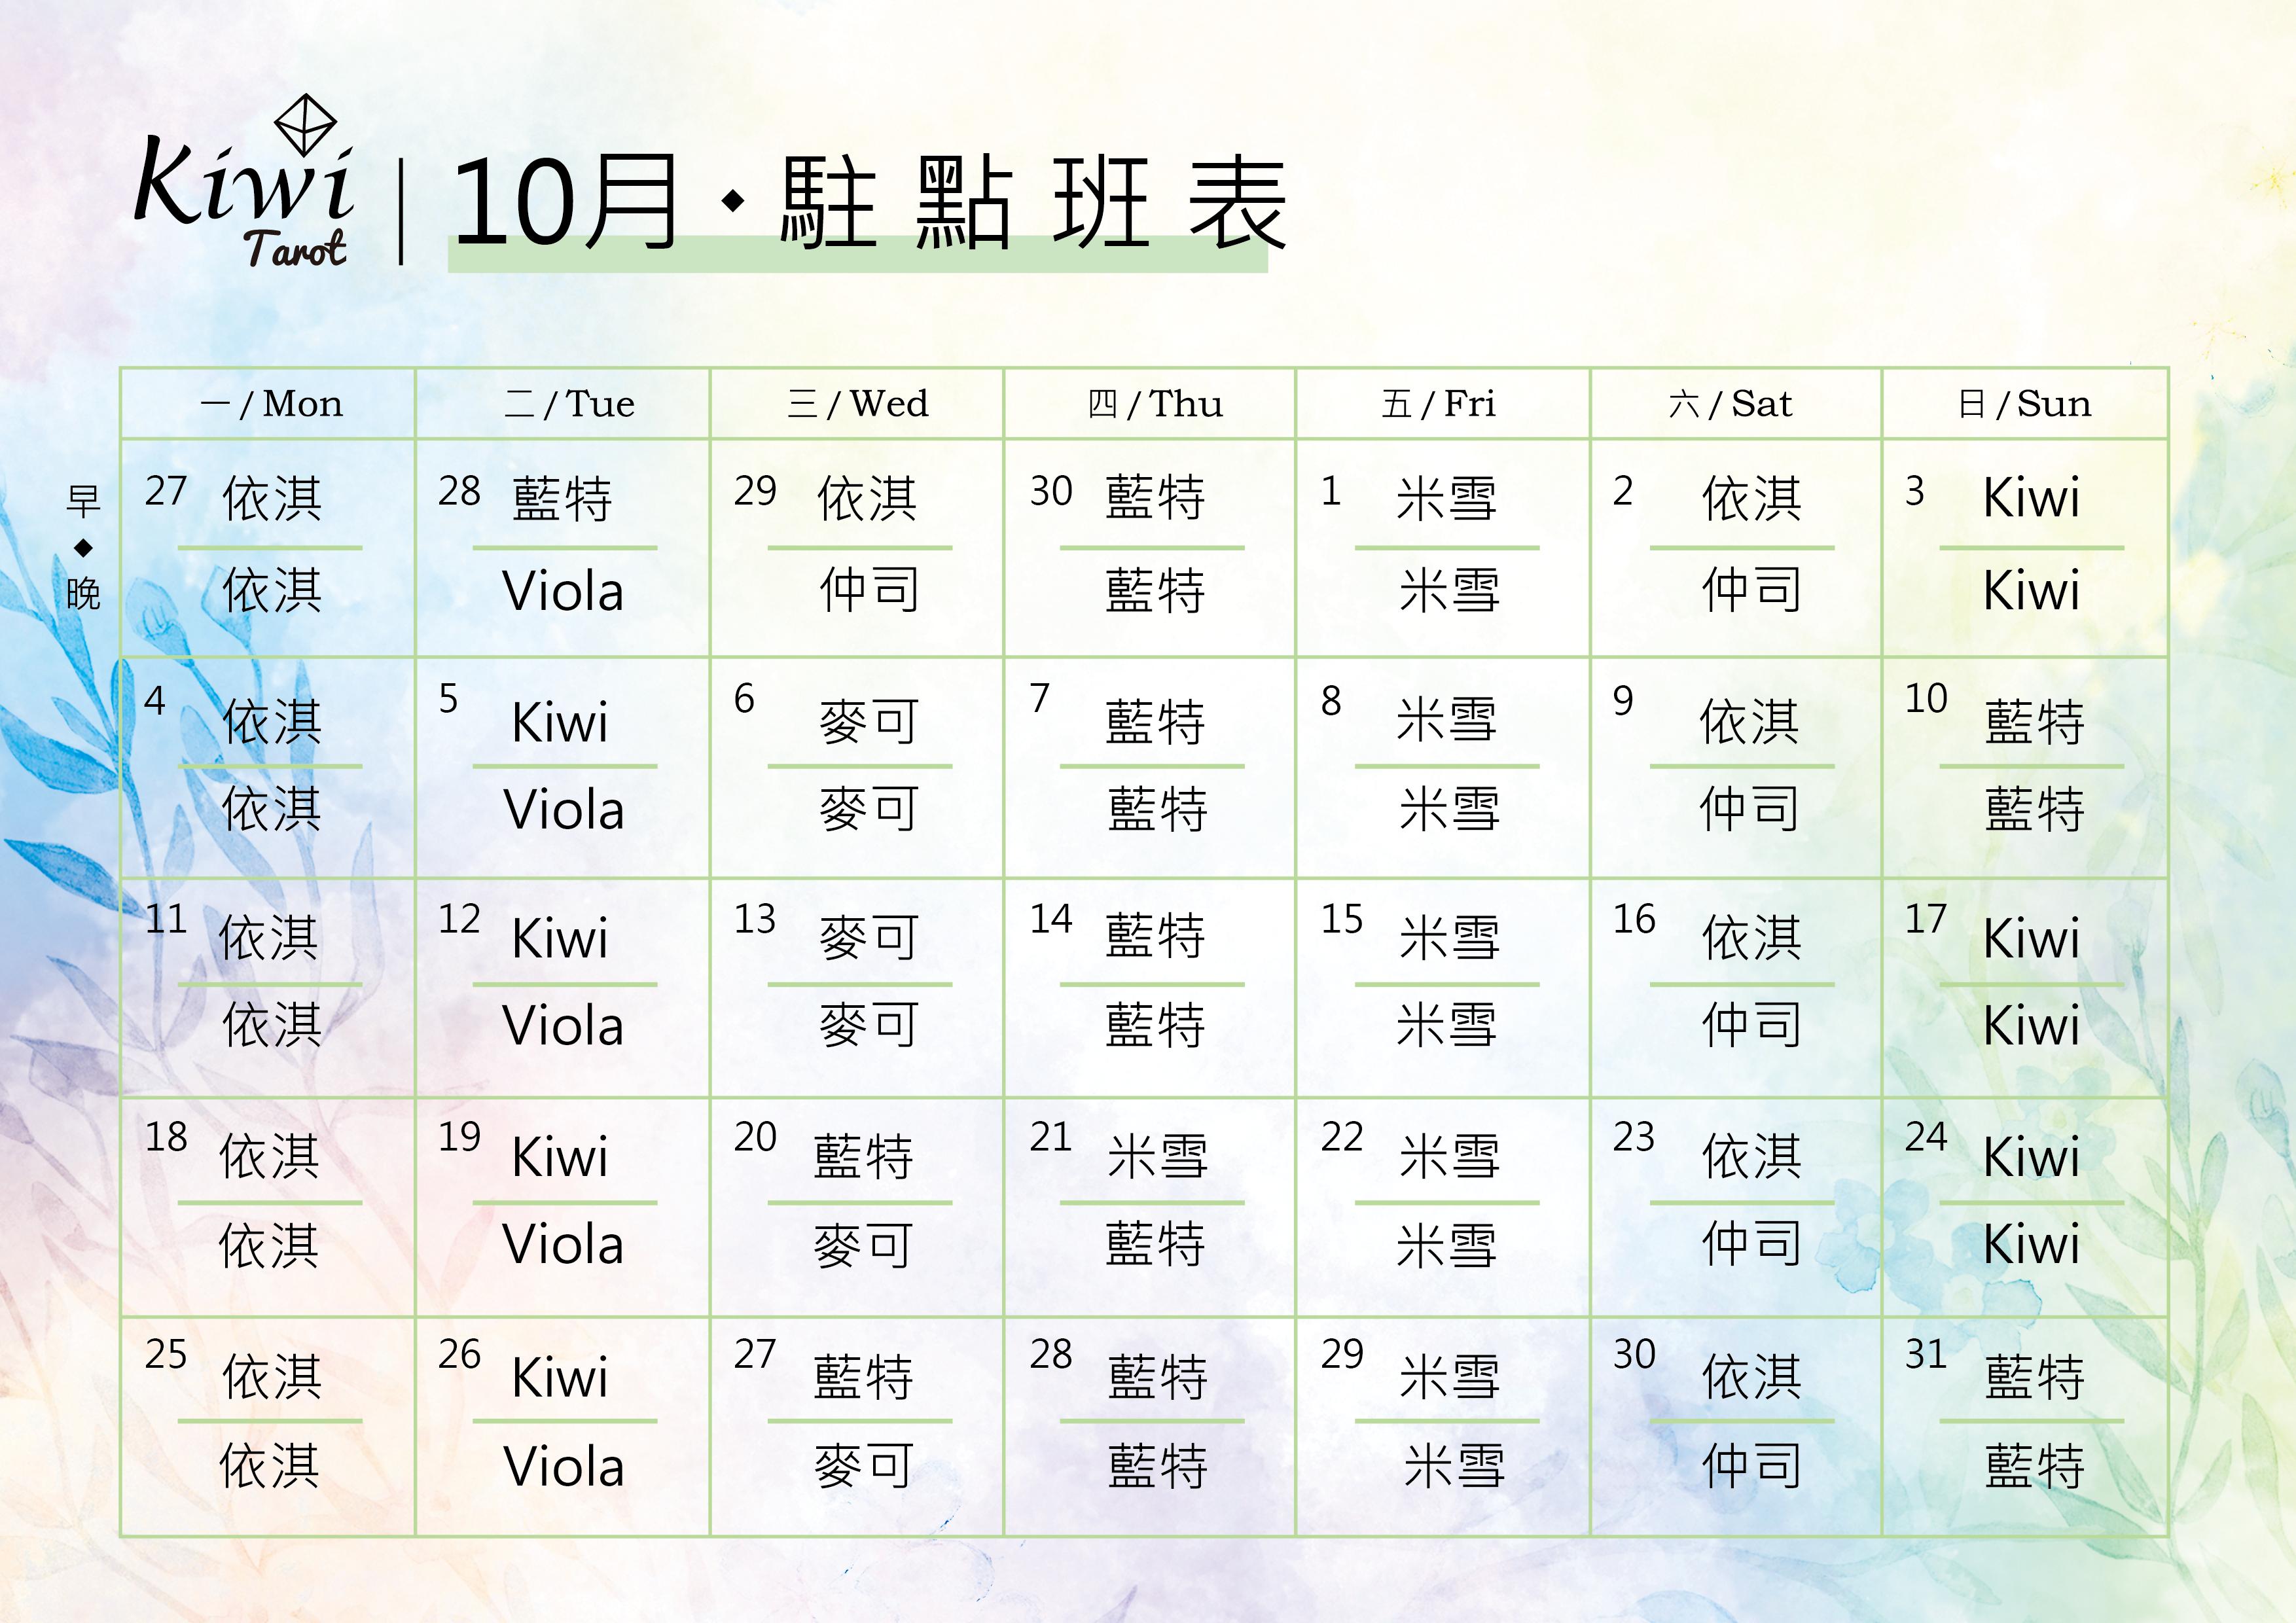 20211001 Taipei Tarot Zhongxiao Fuxing Tarot Daan Tarot Kiwi Tarot